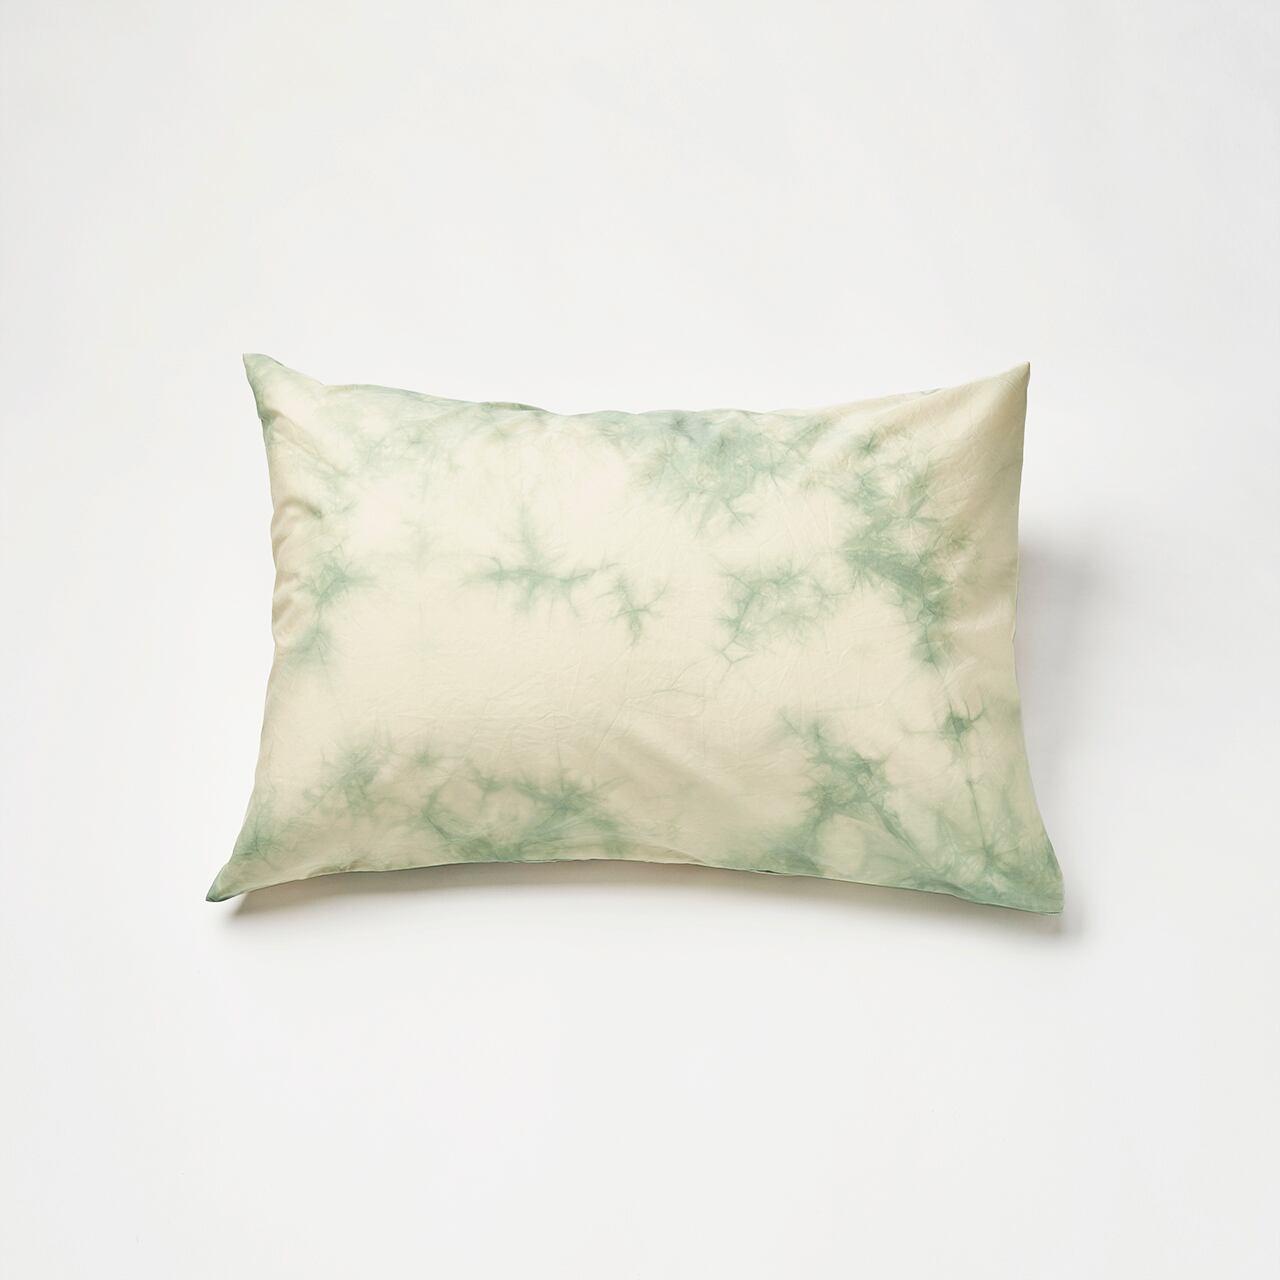 肌触りの良いピローケース(グリーン)封筒式 45×90cm